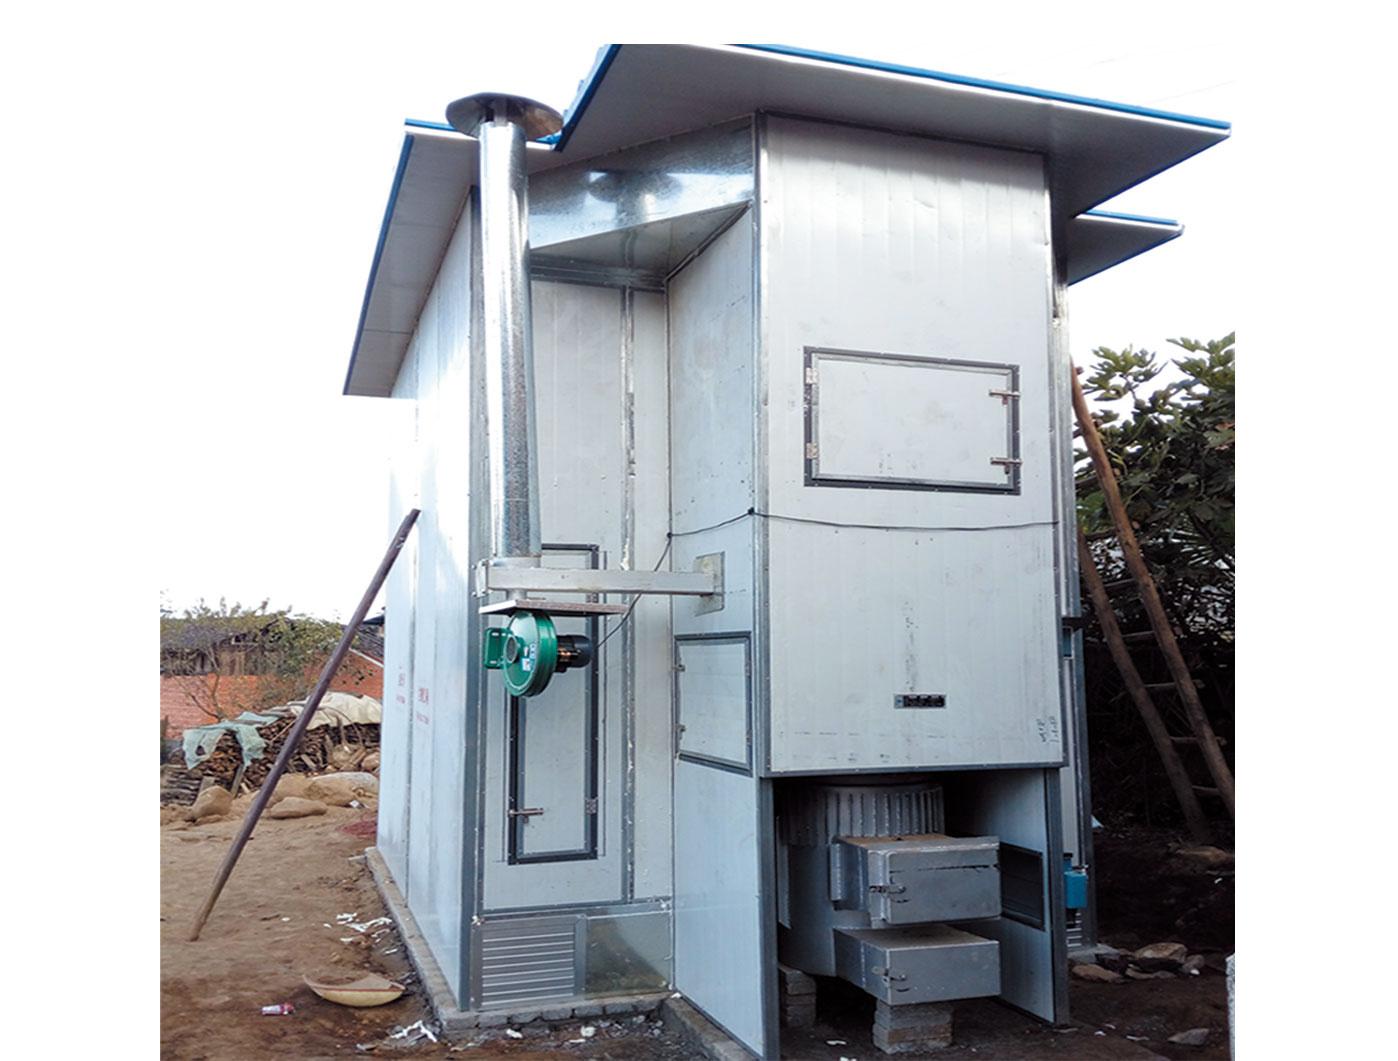 云南省昭通市鲁甸县林业局农业局小型烘干设备项目